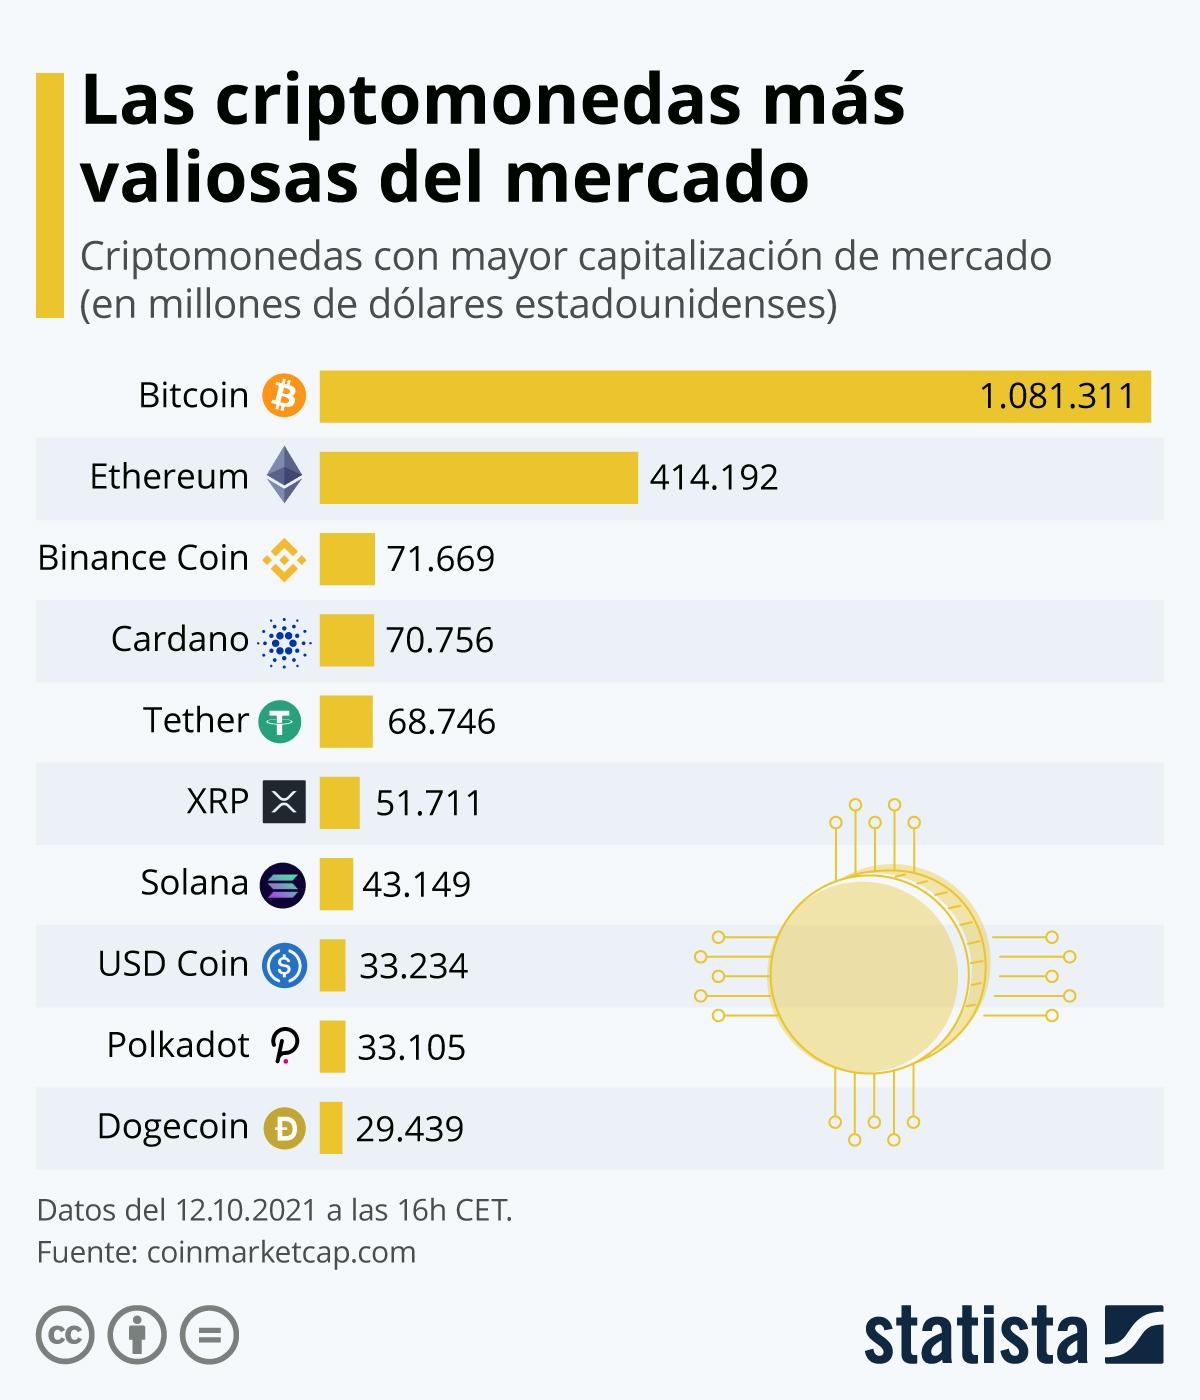 Infografía: Bitcoin y Ethereum, las criptomonedas más importantes en valor de mercado | Statista